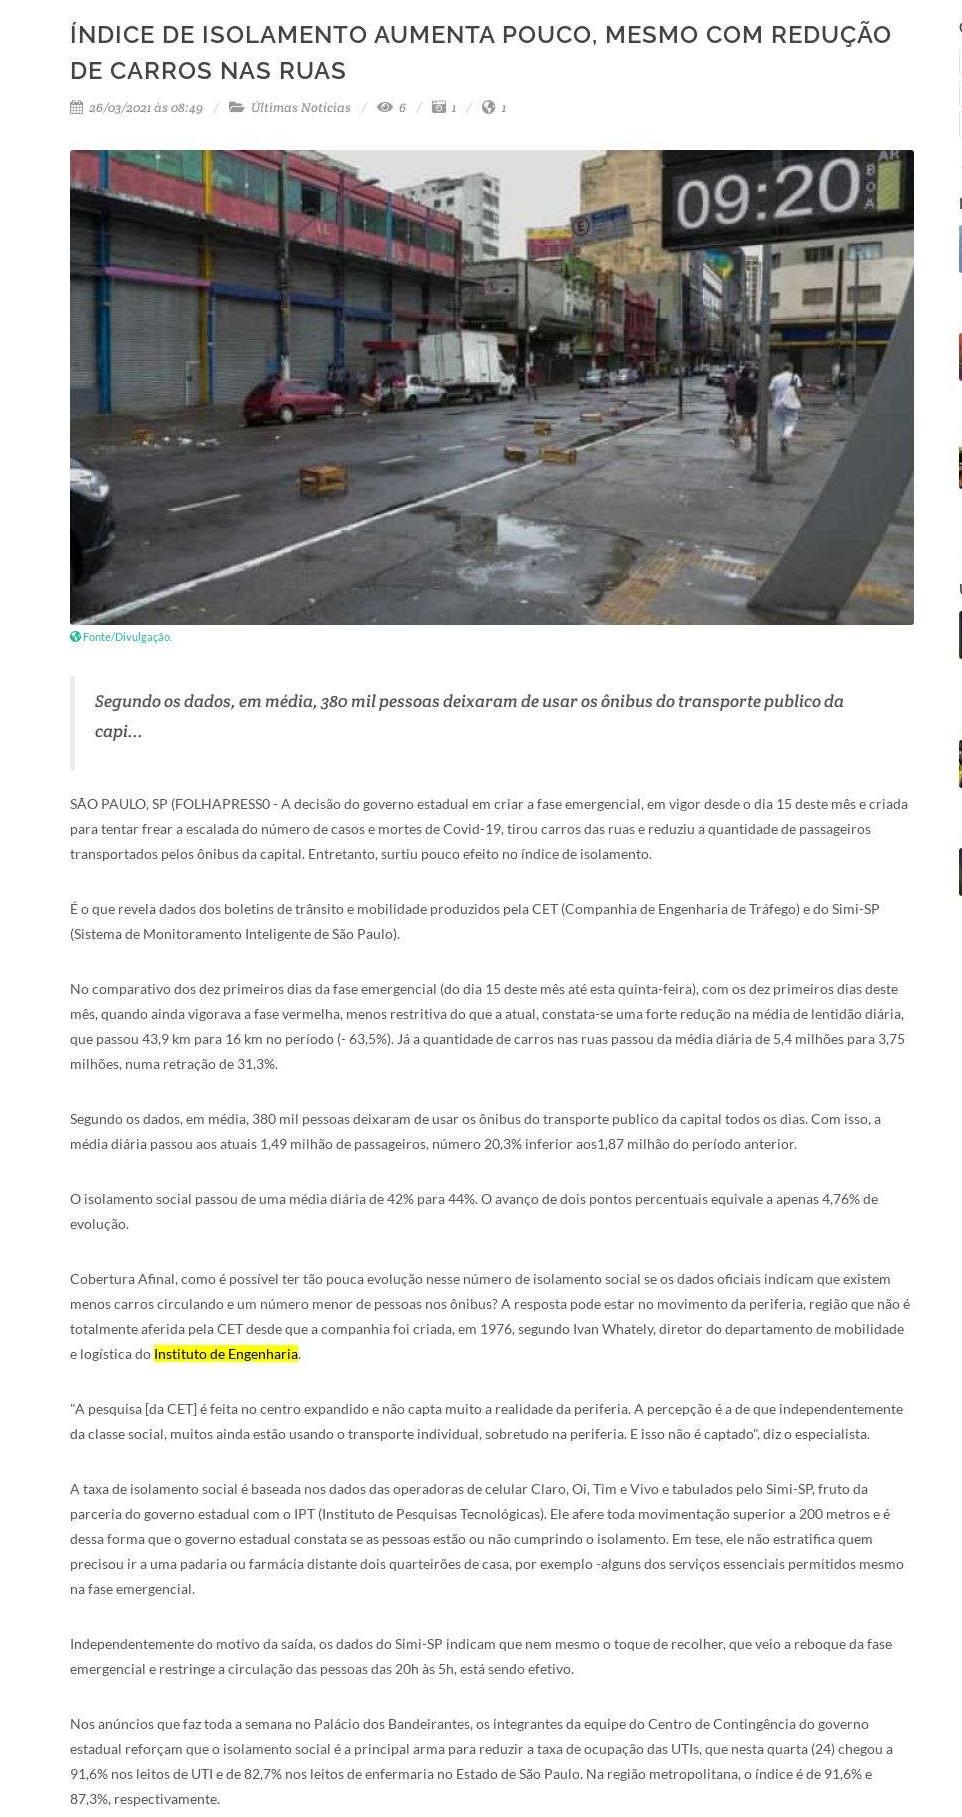 Índice de isolamento aumenta pouco, mesmo com redução de carros nas ruas - Nova Onda FM